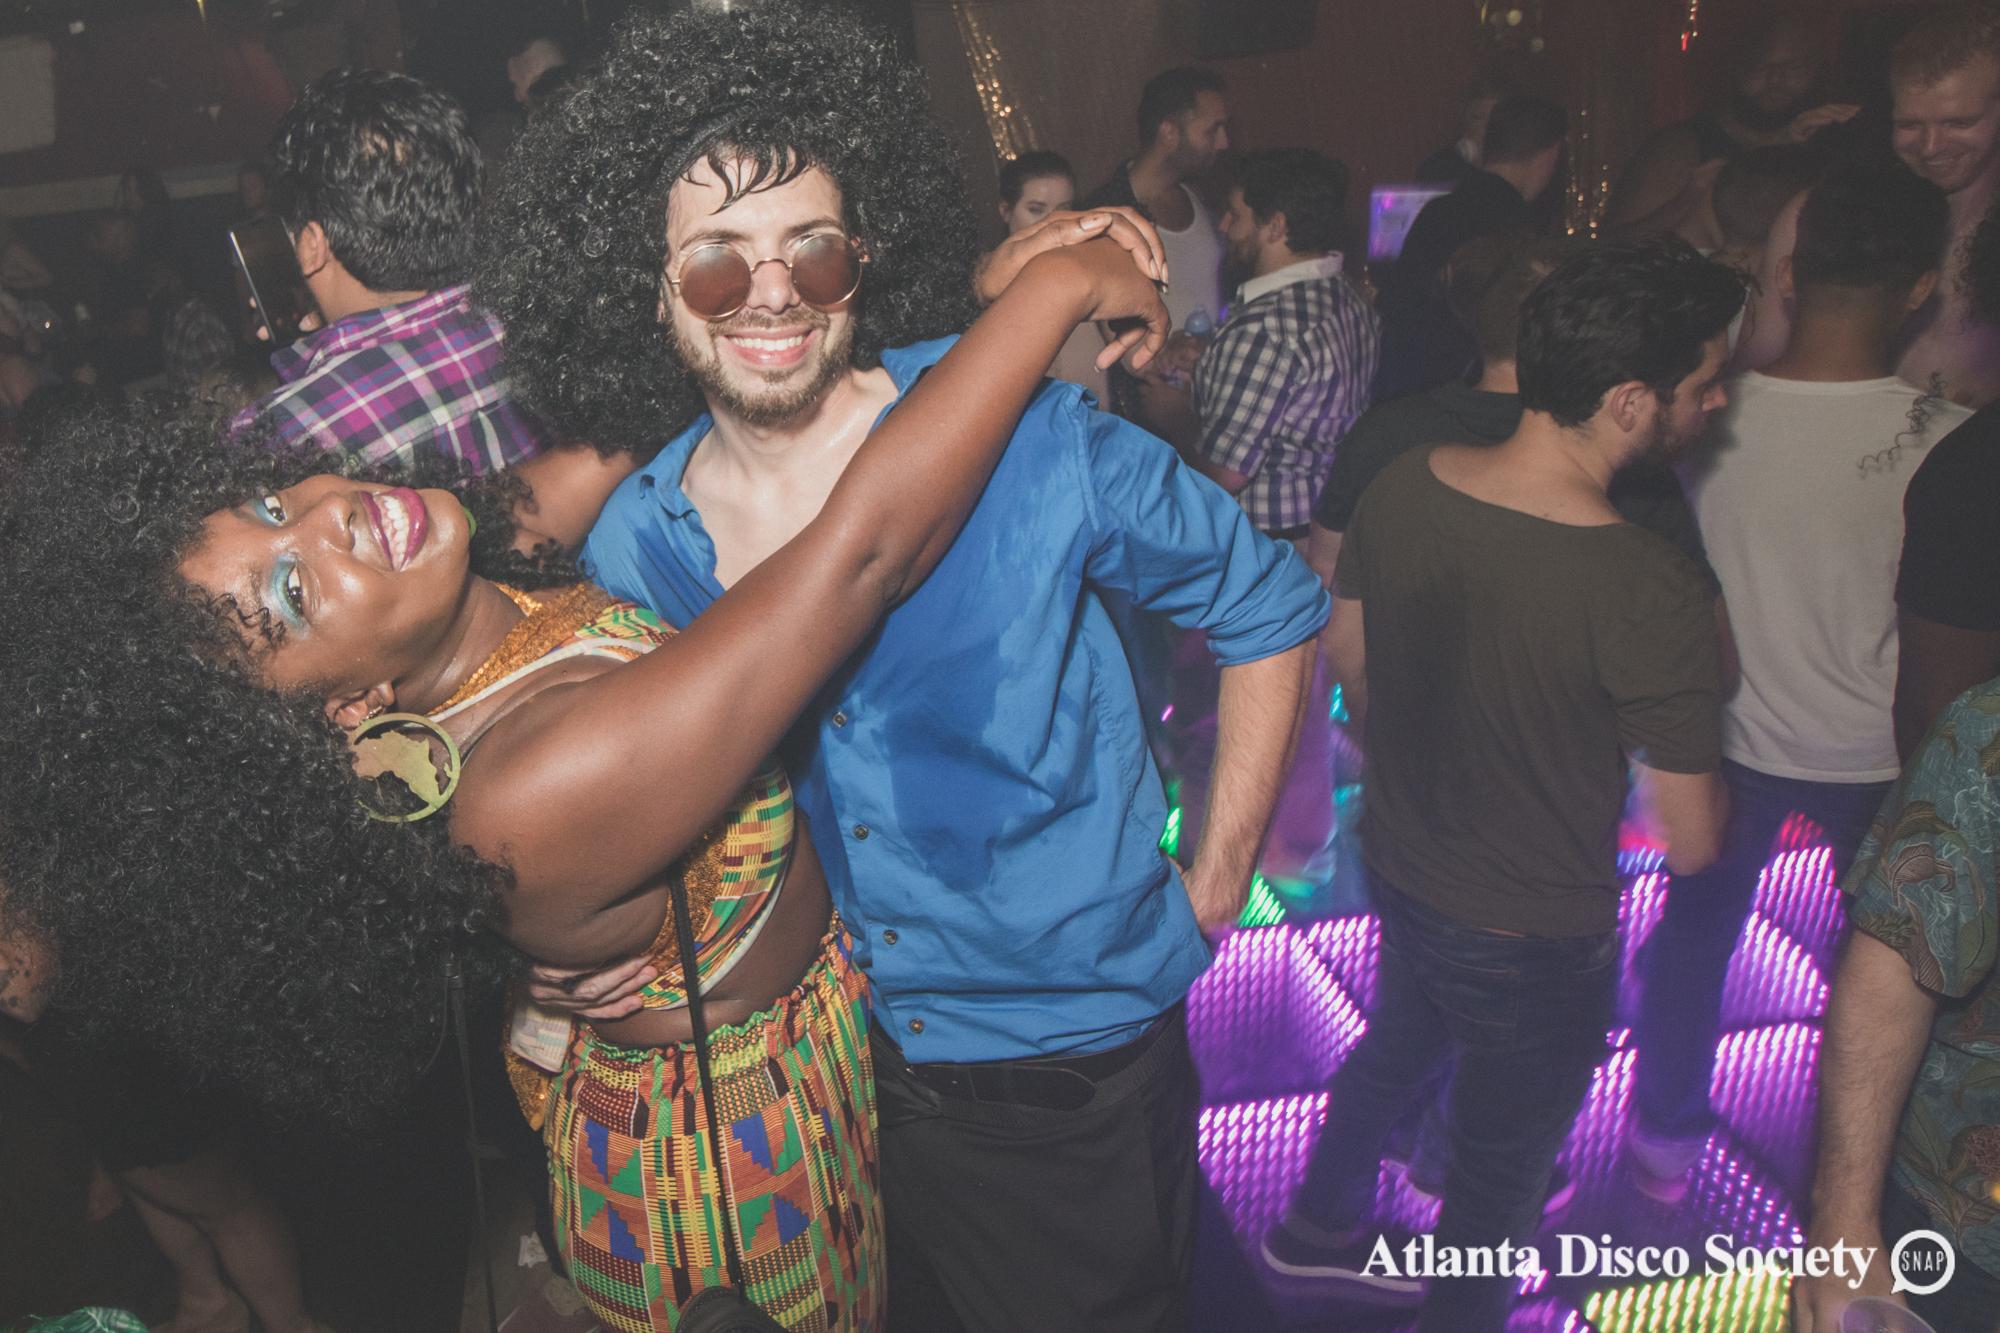 87Atlanta Disco Society Grace Kelly Oh Snap Kid 7.27.19.jpg